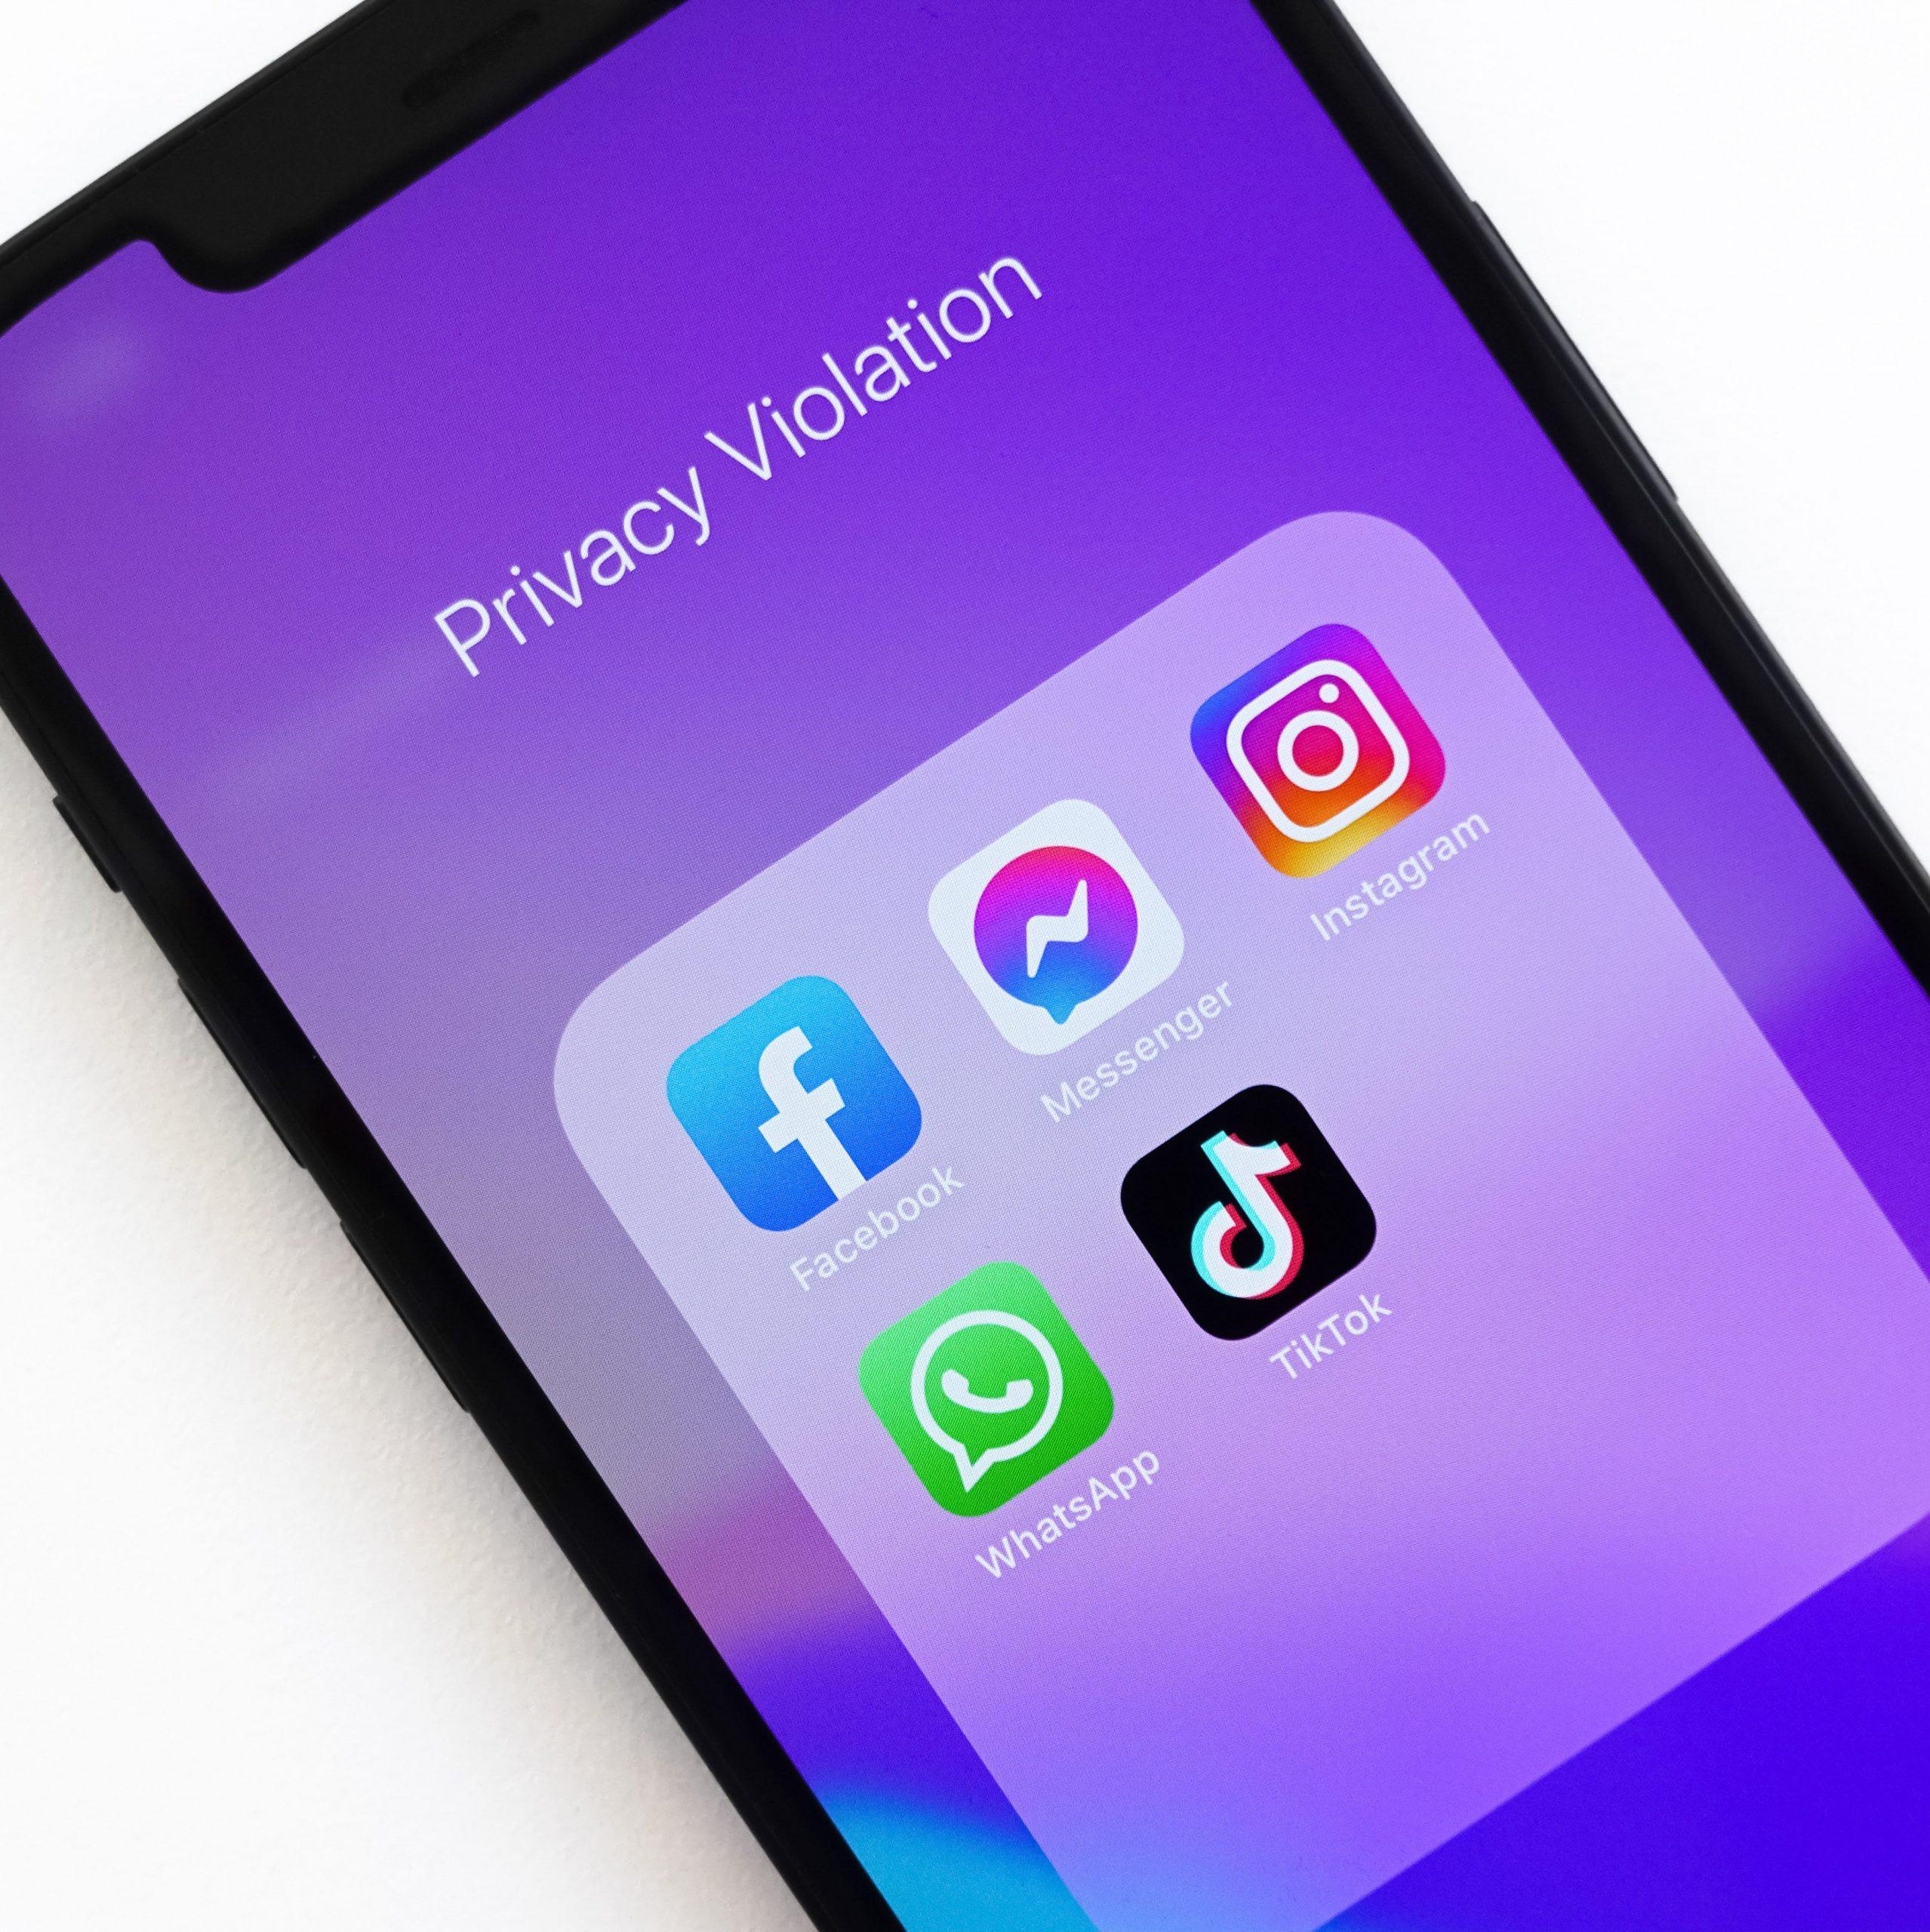 digital marketing, social media platforms, social media marketing